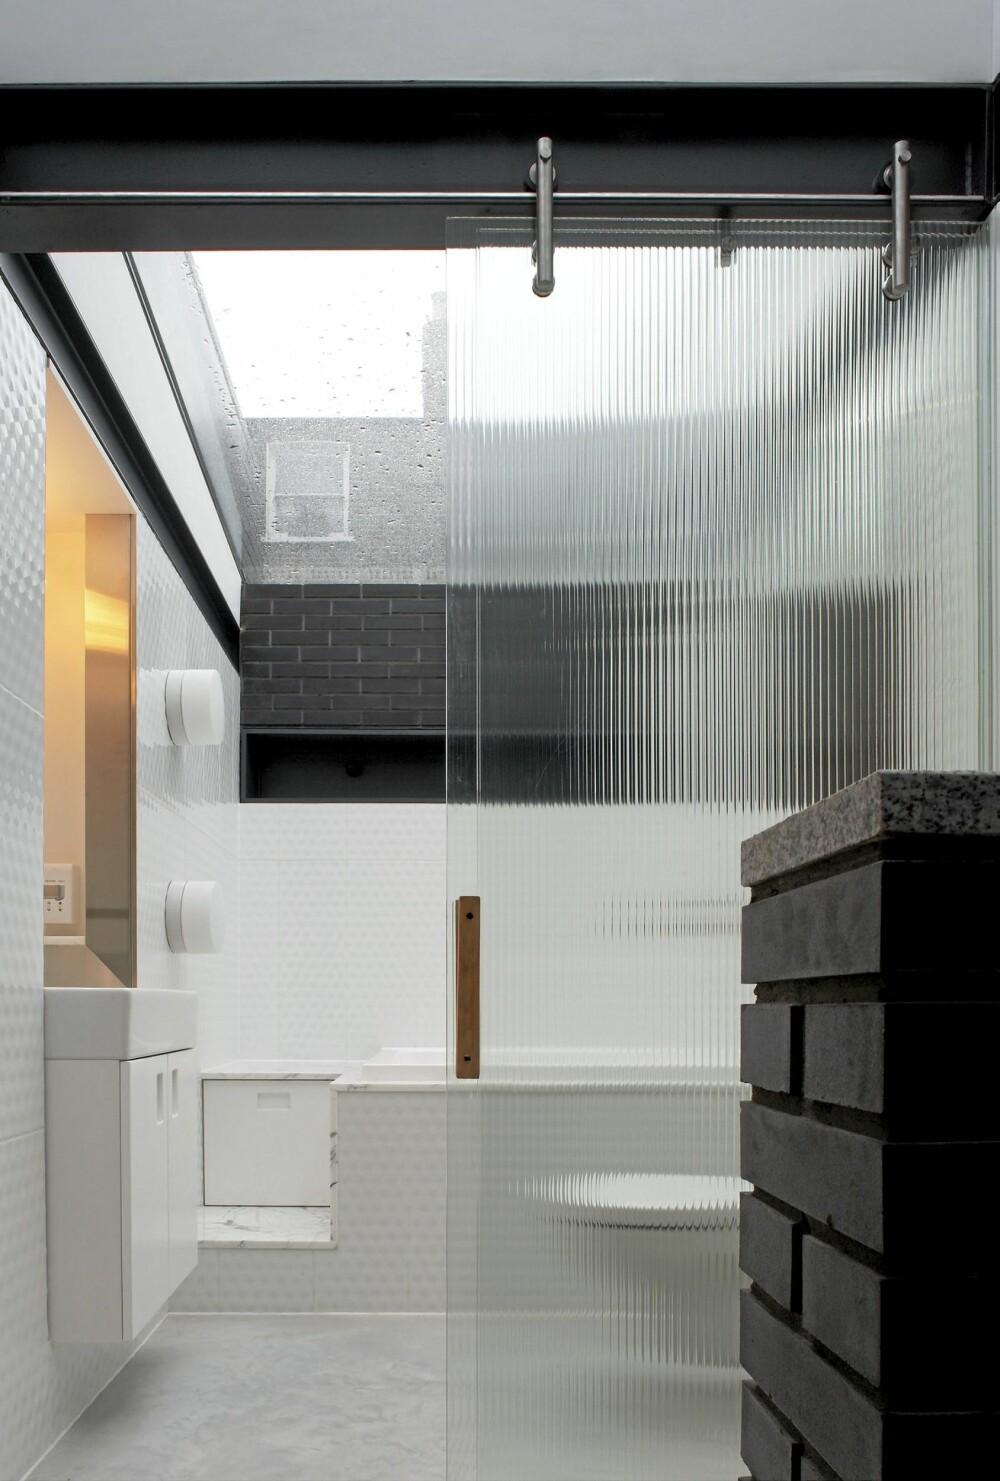 STJERNEKLART: Badet har et enormt glasstak som står i kontrast med atmosfæren i oppholdsrommene. Ønsket var å skape følelsen av å være ute. Dusjing i full solinnstråling eller å ta et bad under stjernene.